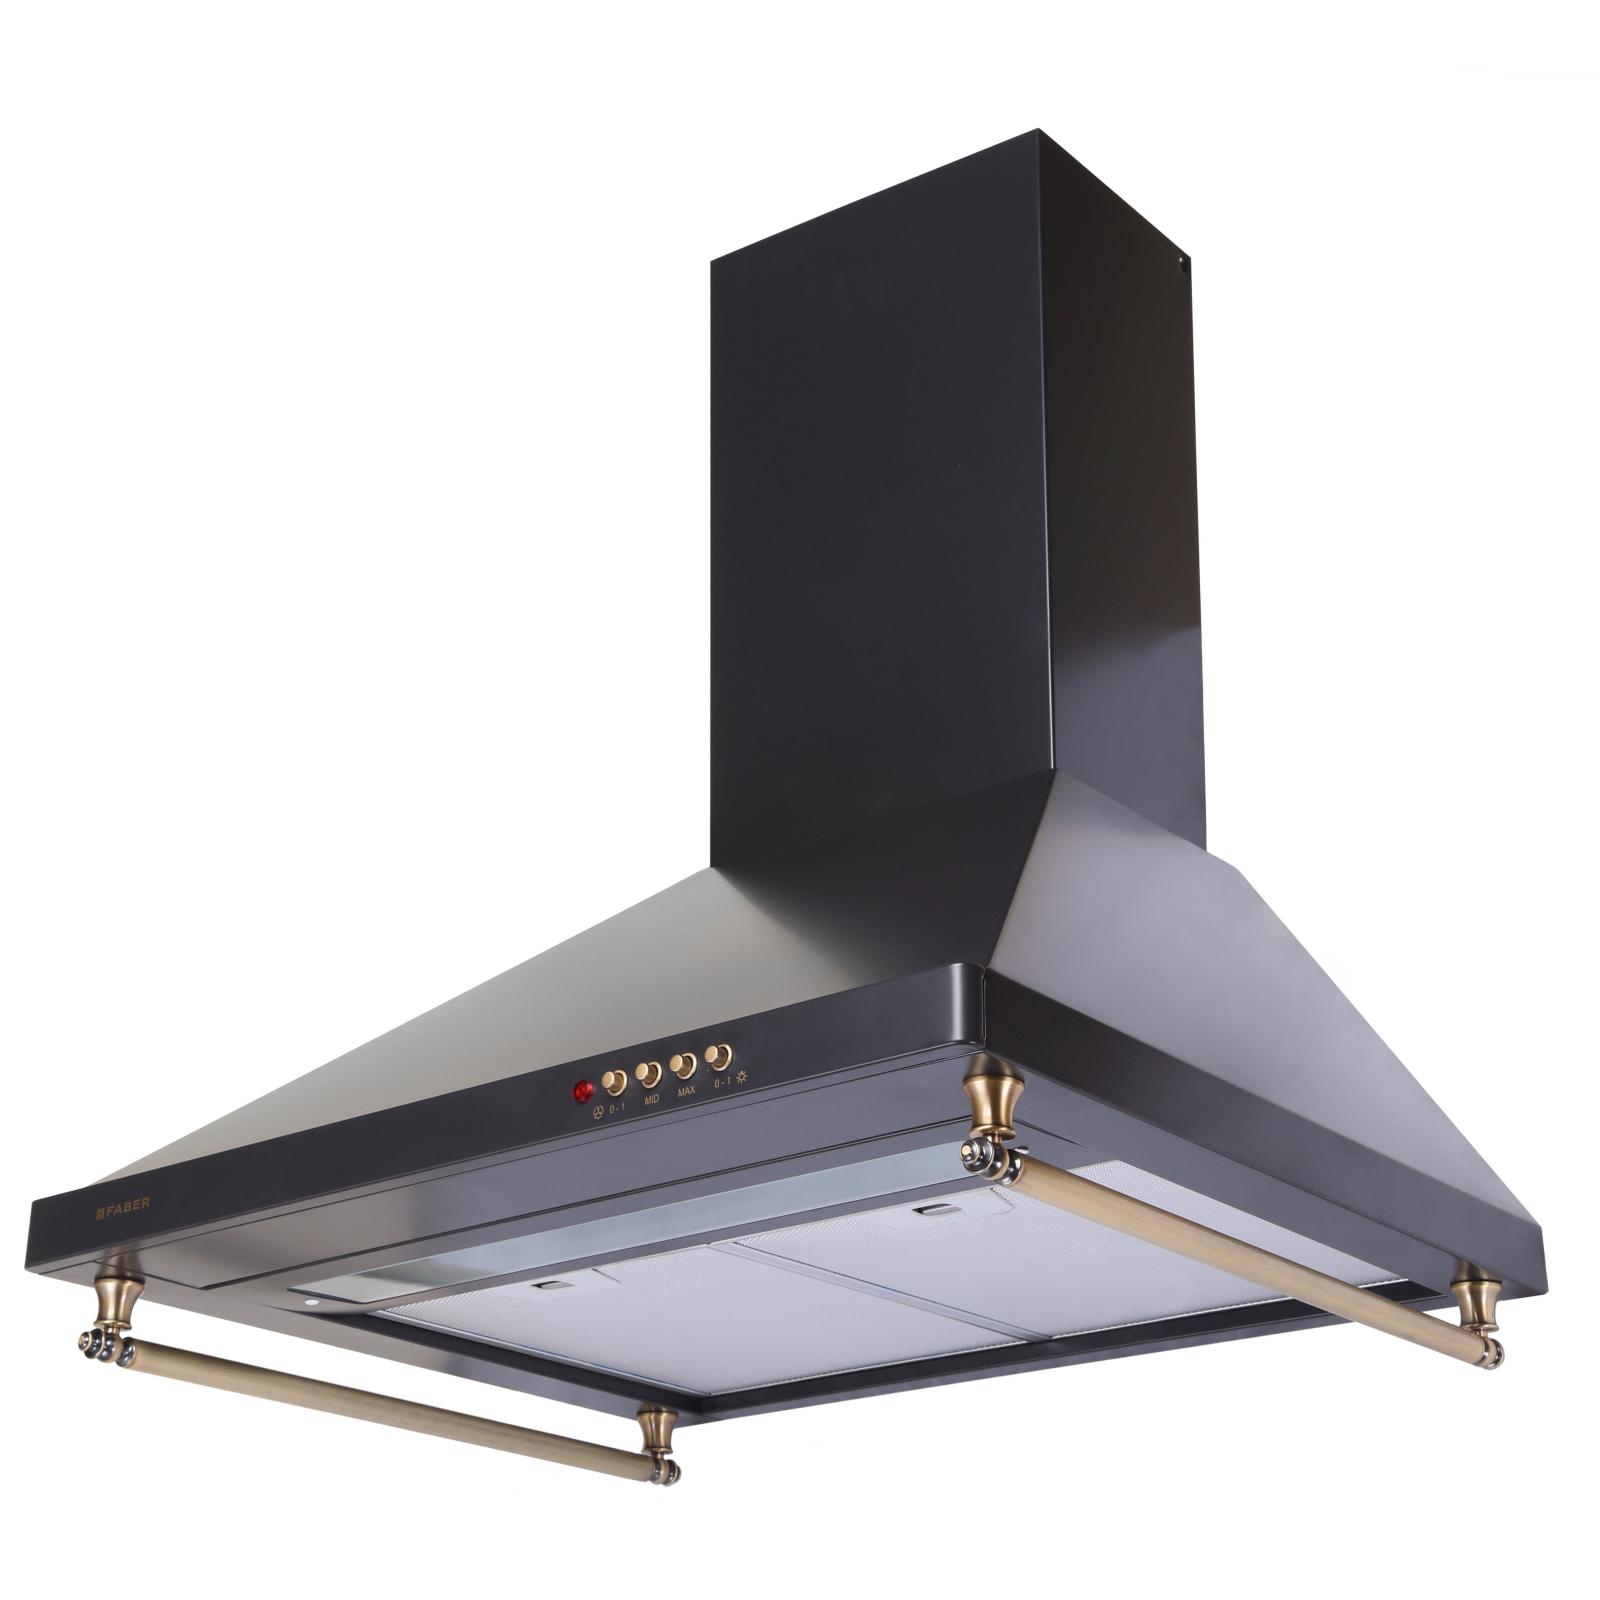 Вытяжка кухонная FABER STRIP EG8 PB AV/BRA A60